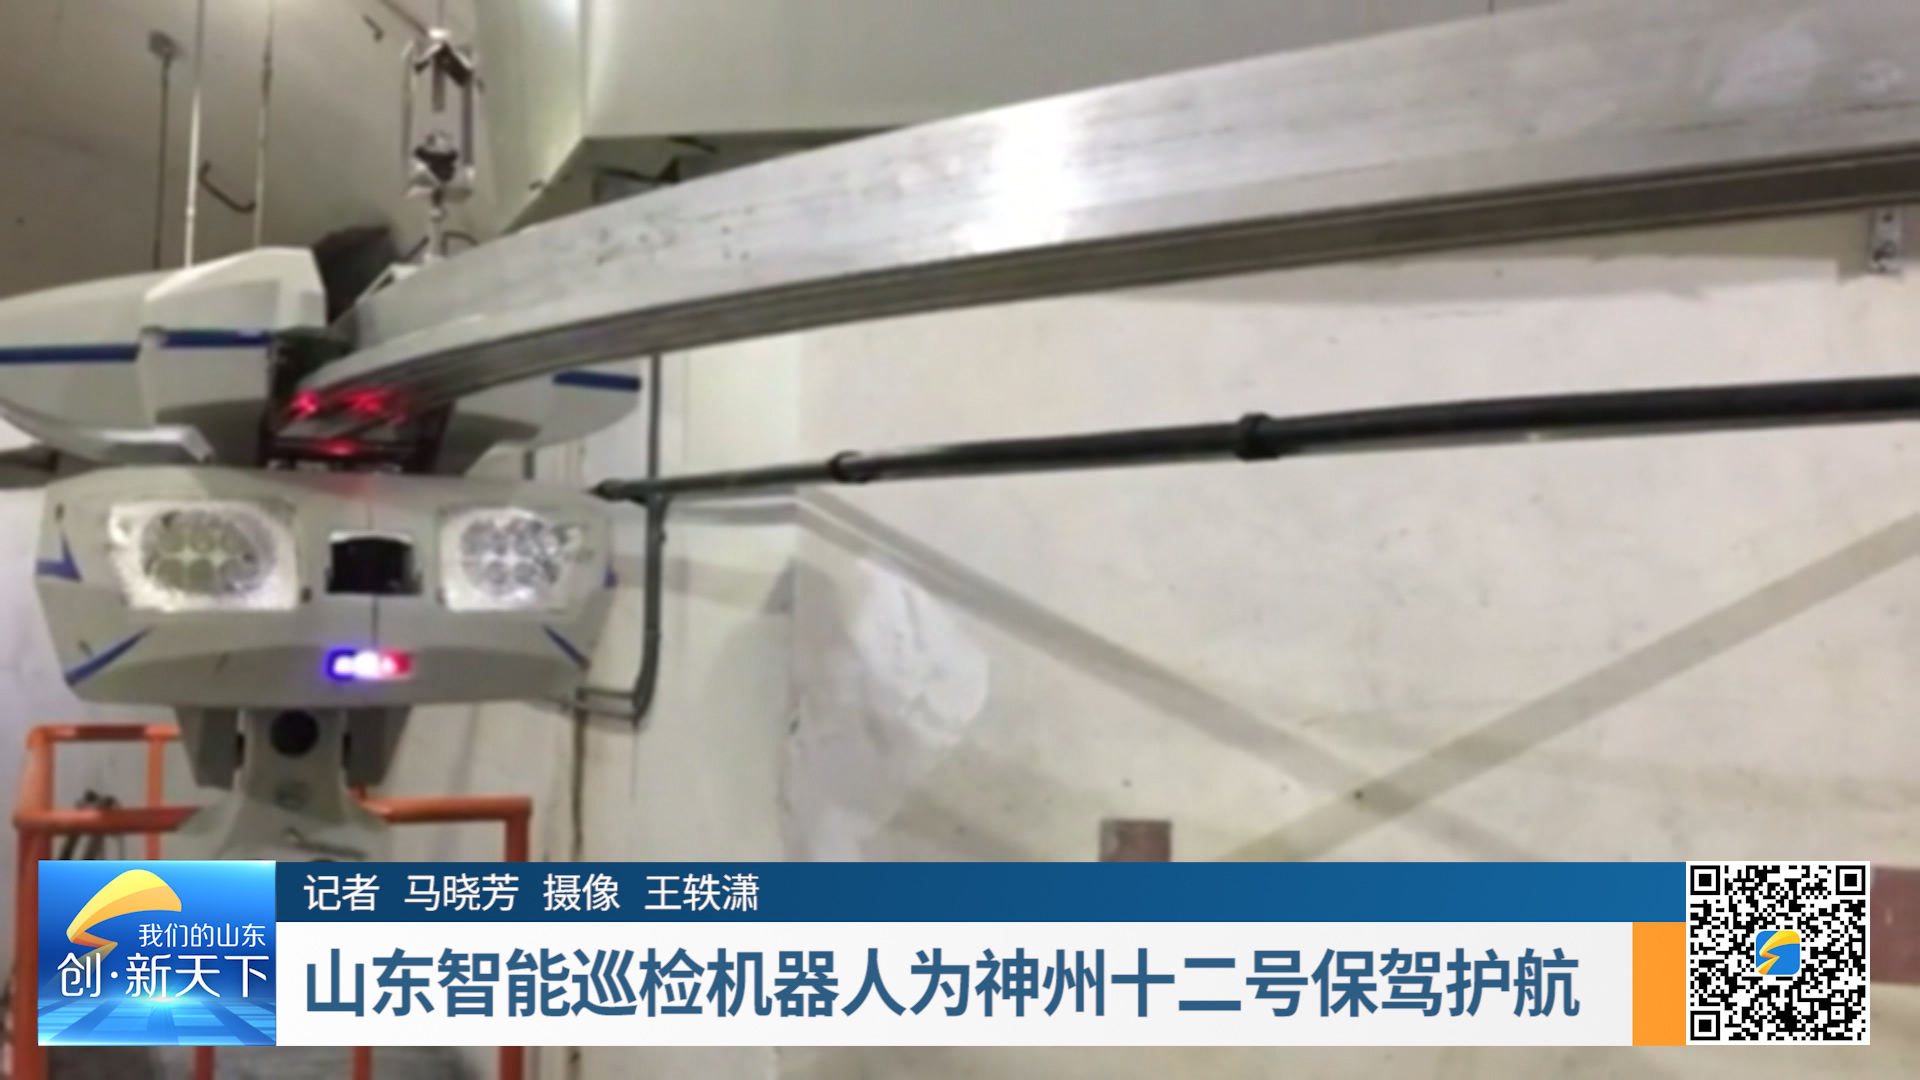 山東智能巡檢機器人為神州十二號保駕護航